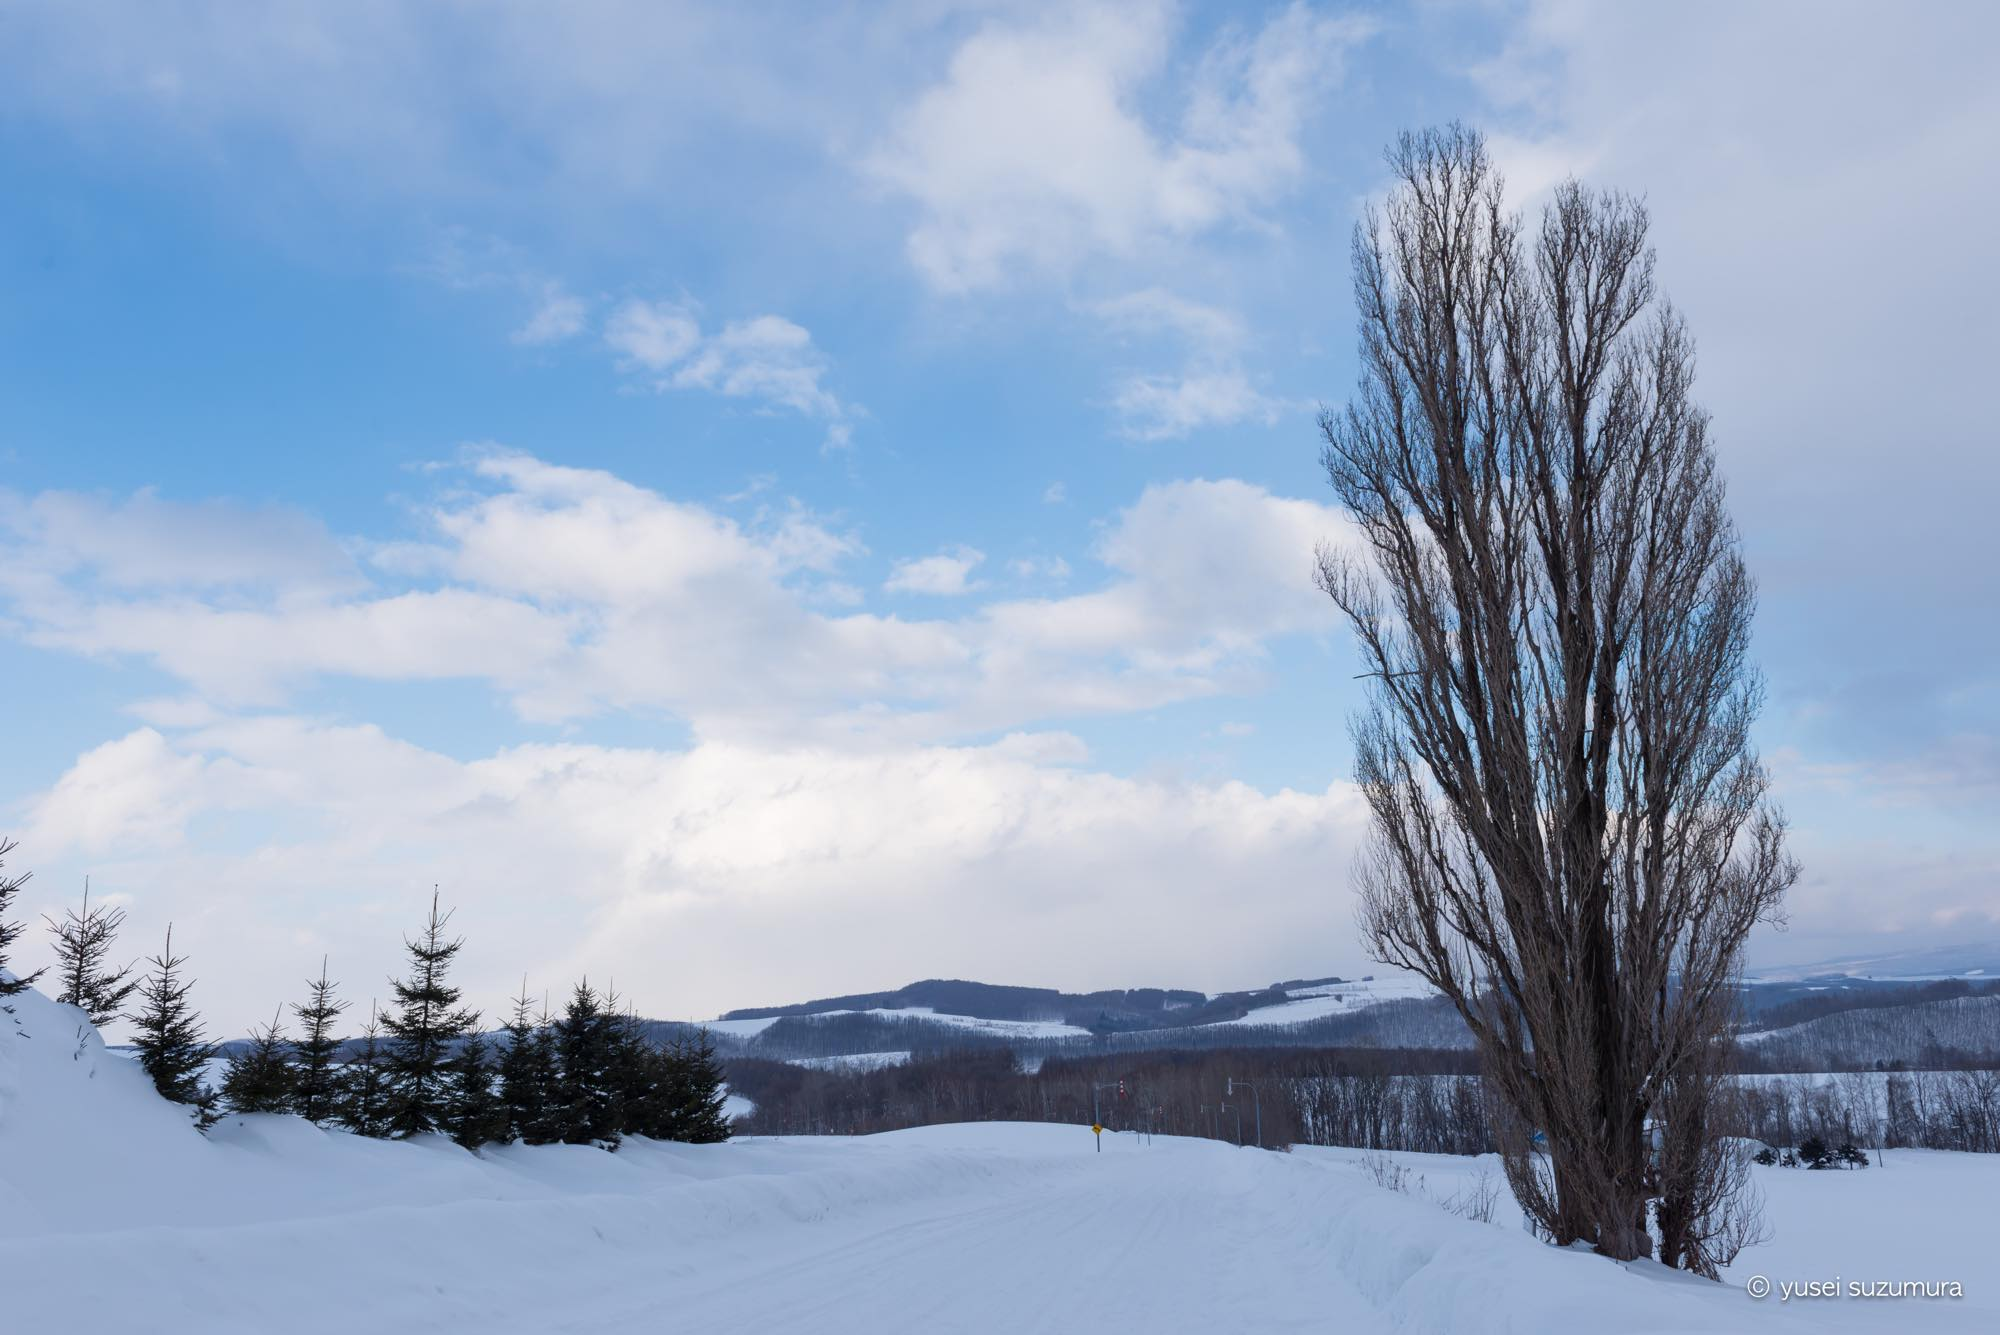 ケンとメリーの木 冬